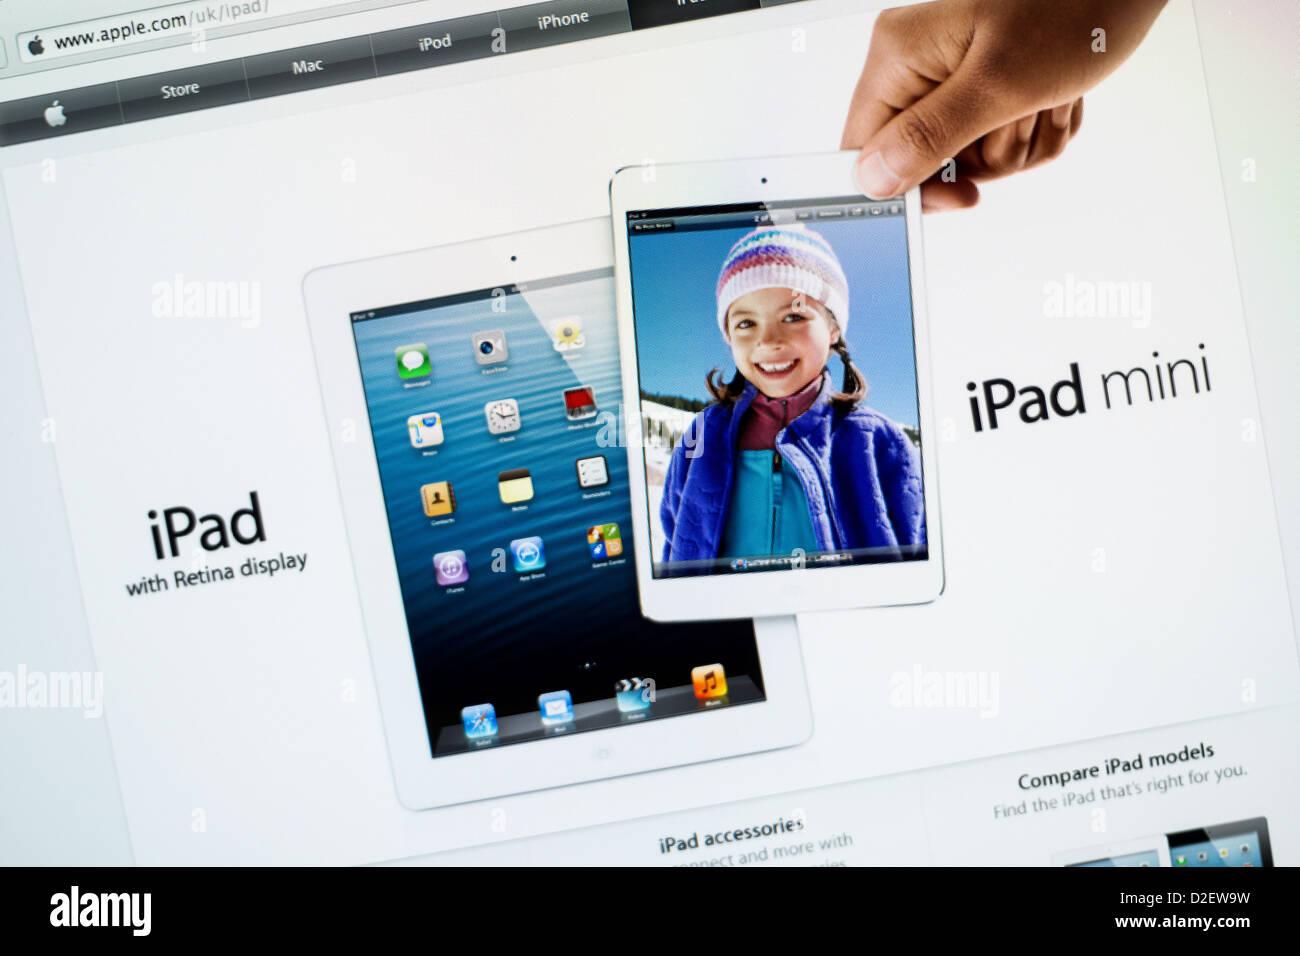 Apple iPad Mini website cerrar Imagen De Stock